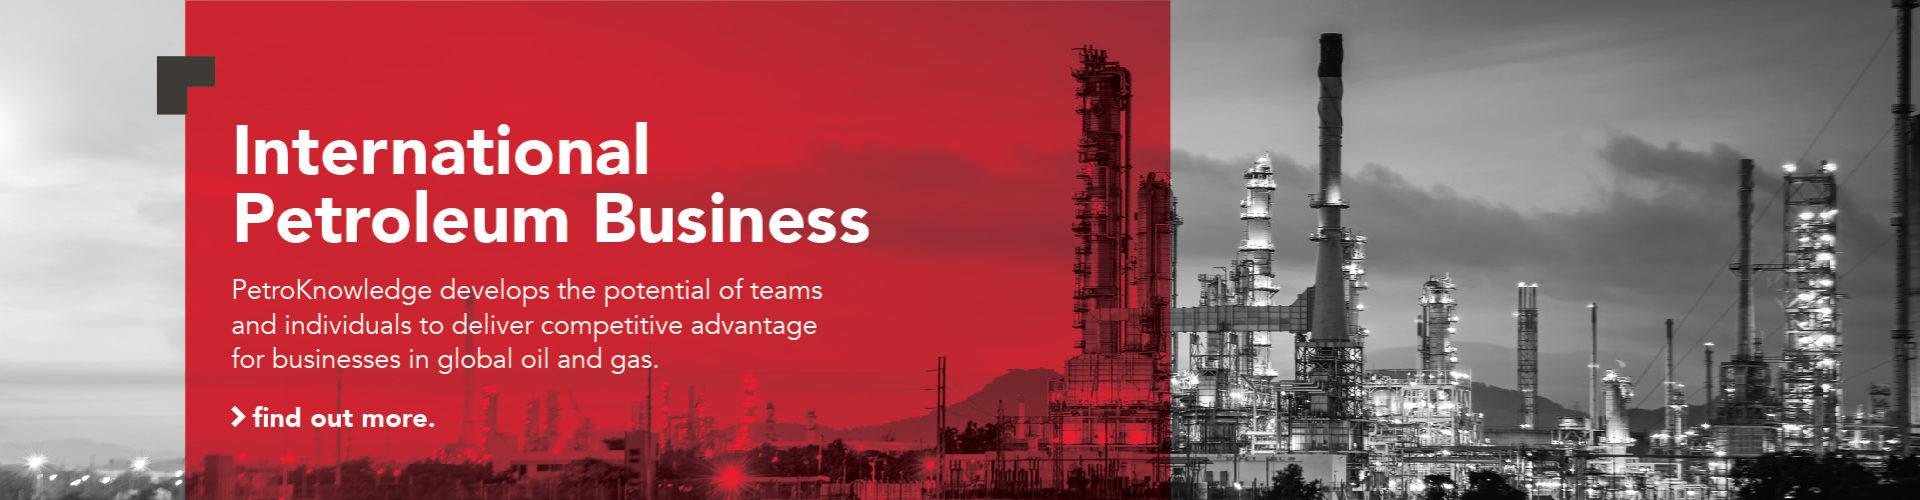 International Petroleum Business